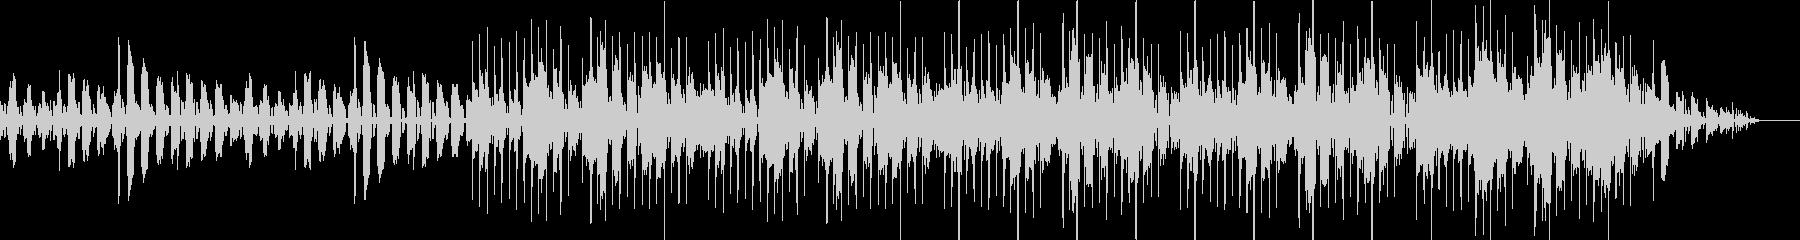 キック(バスドラム)抜きの未再生の波形